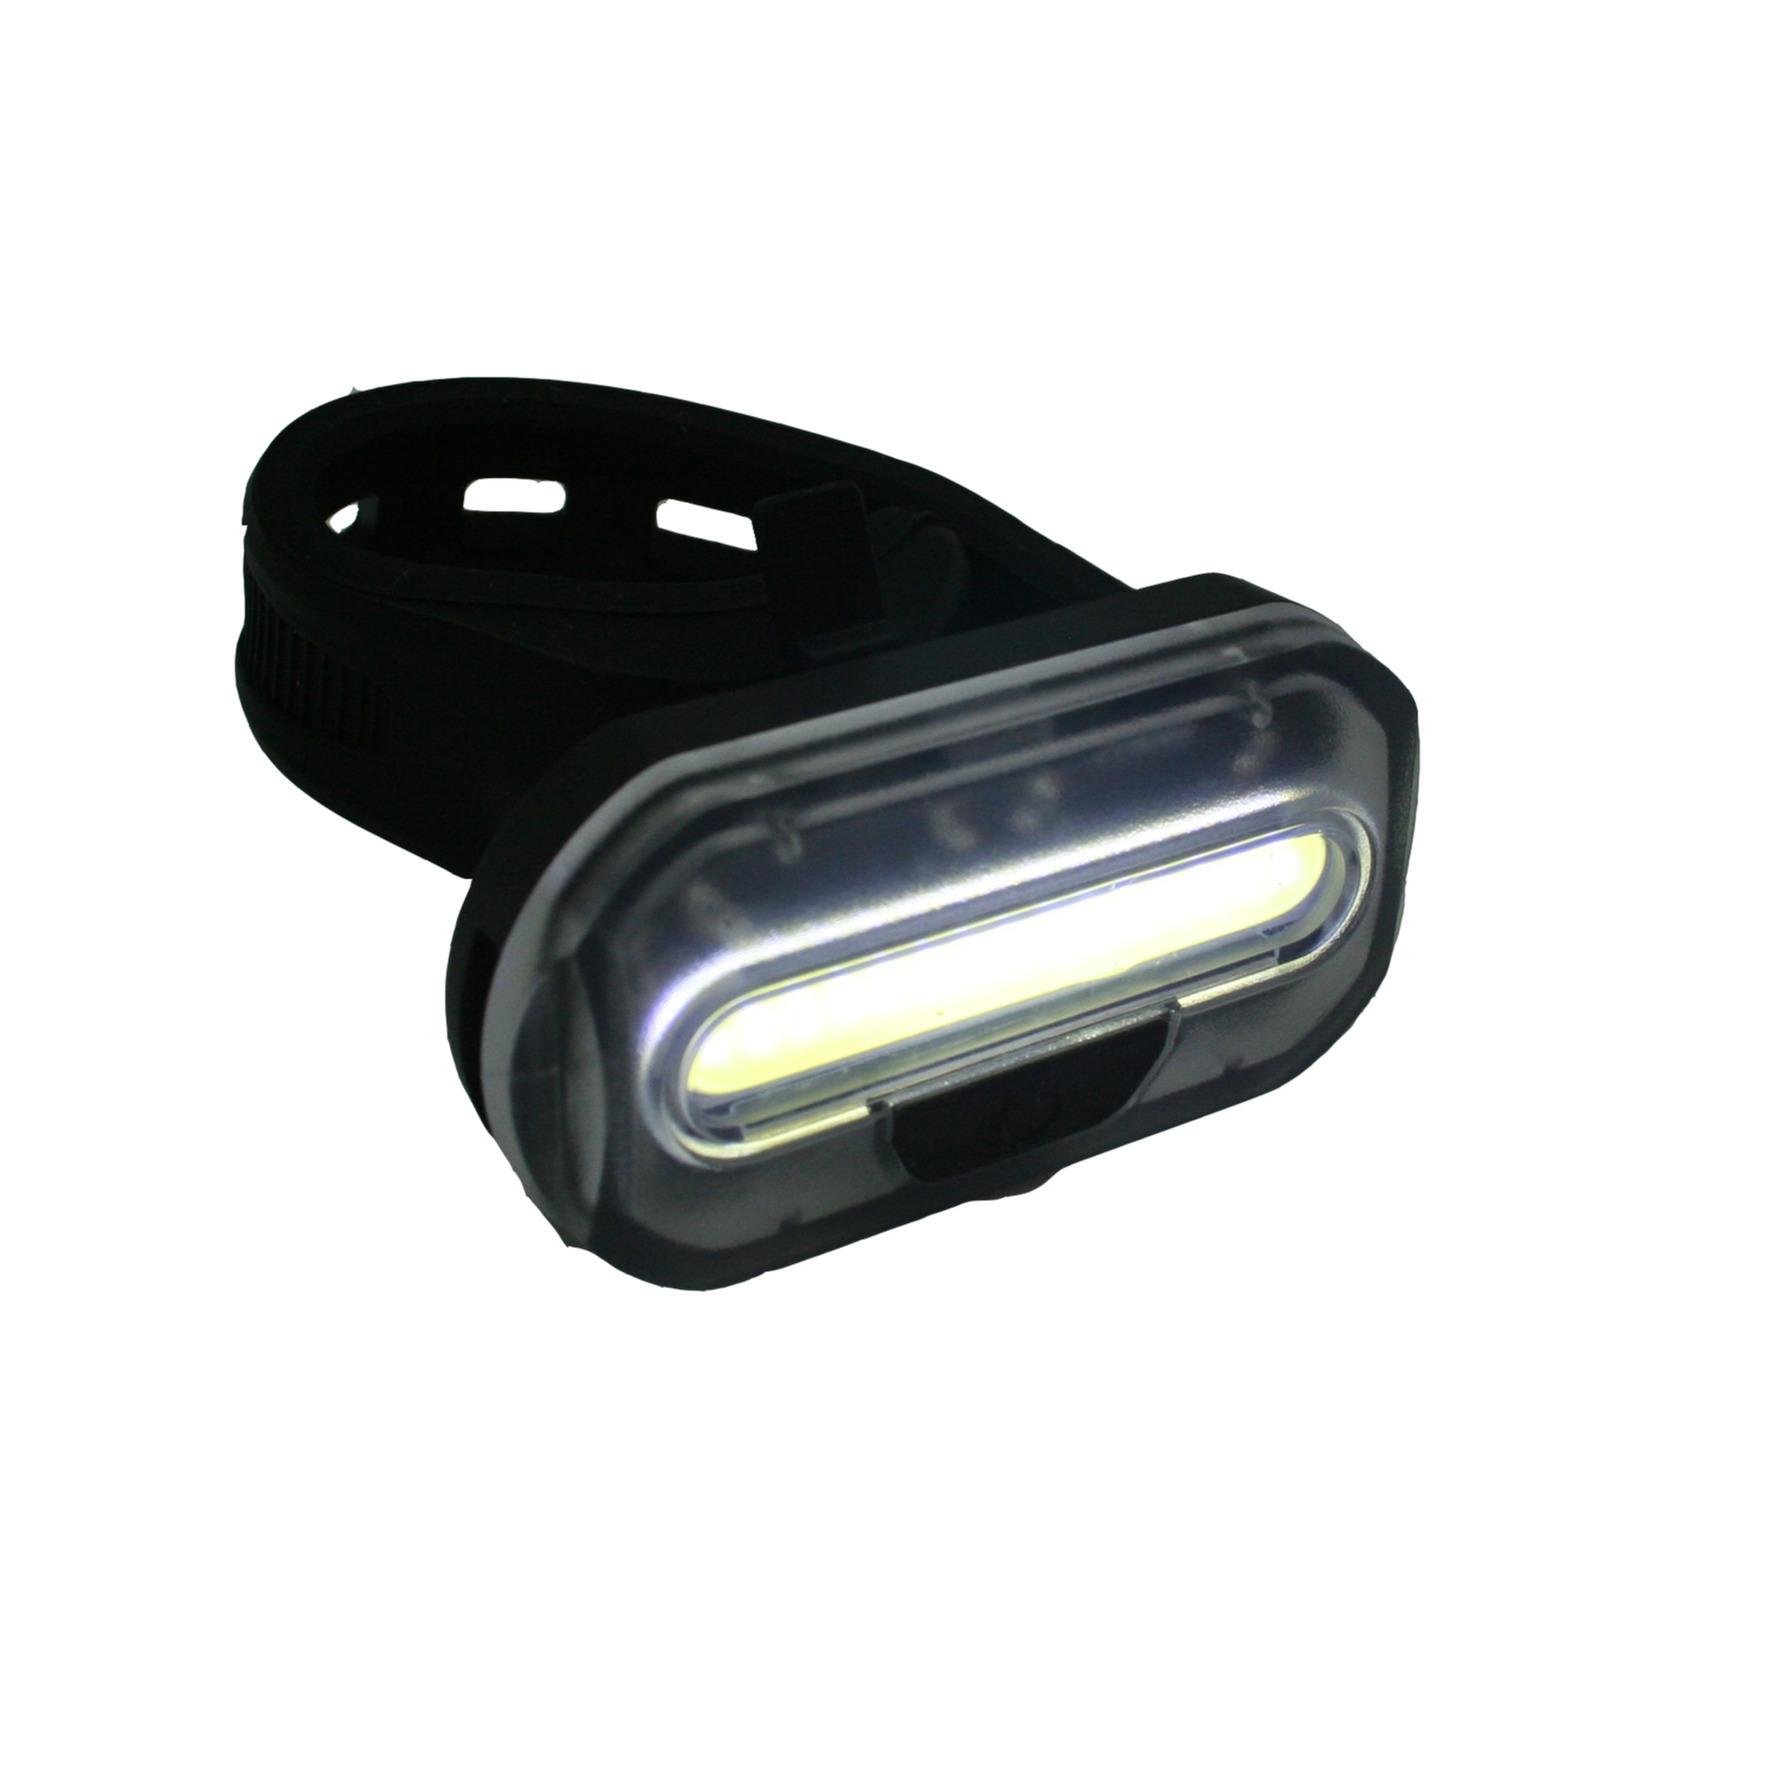 1x Fietskoplamp-batterij voorlicht-fietsverlichting COB LED met bevestigingsband